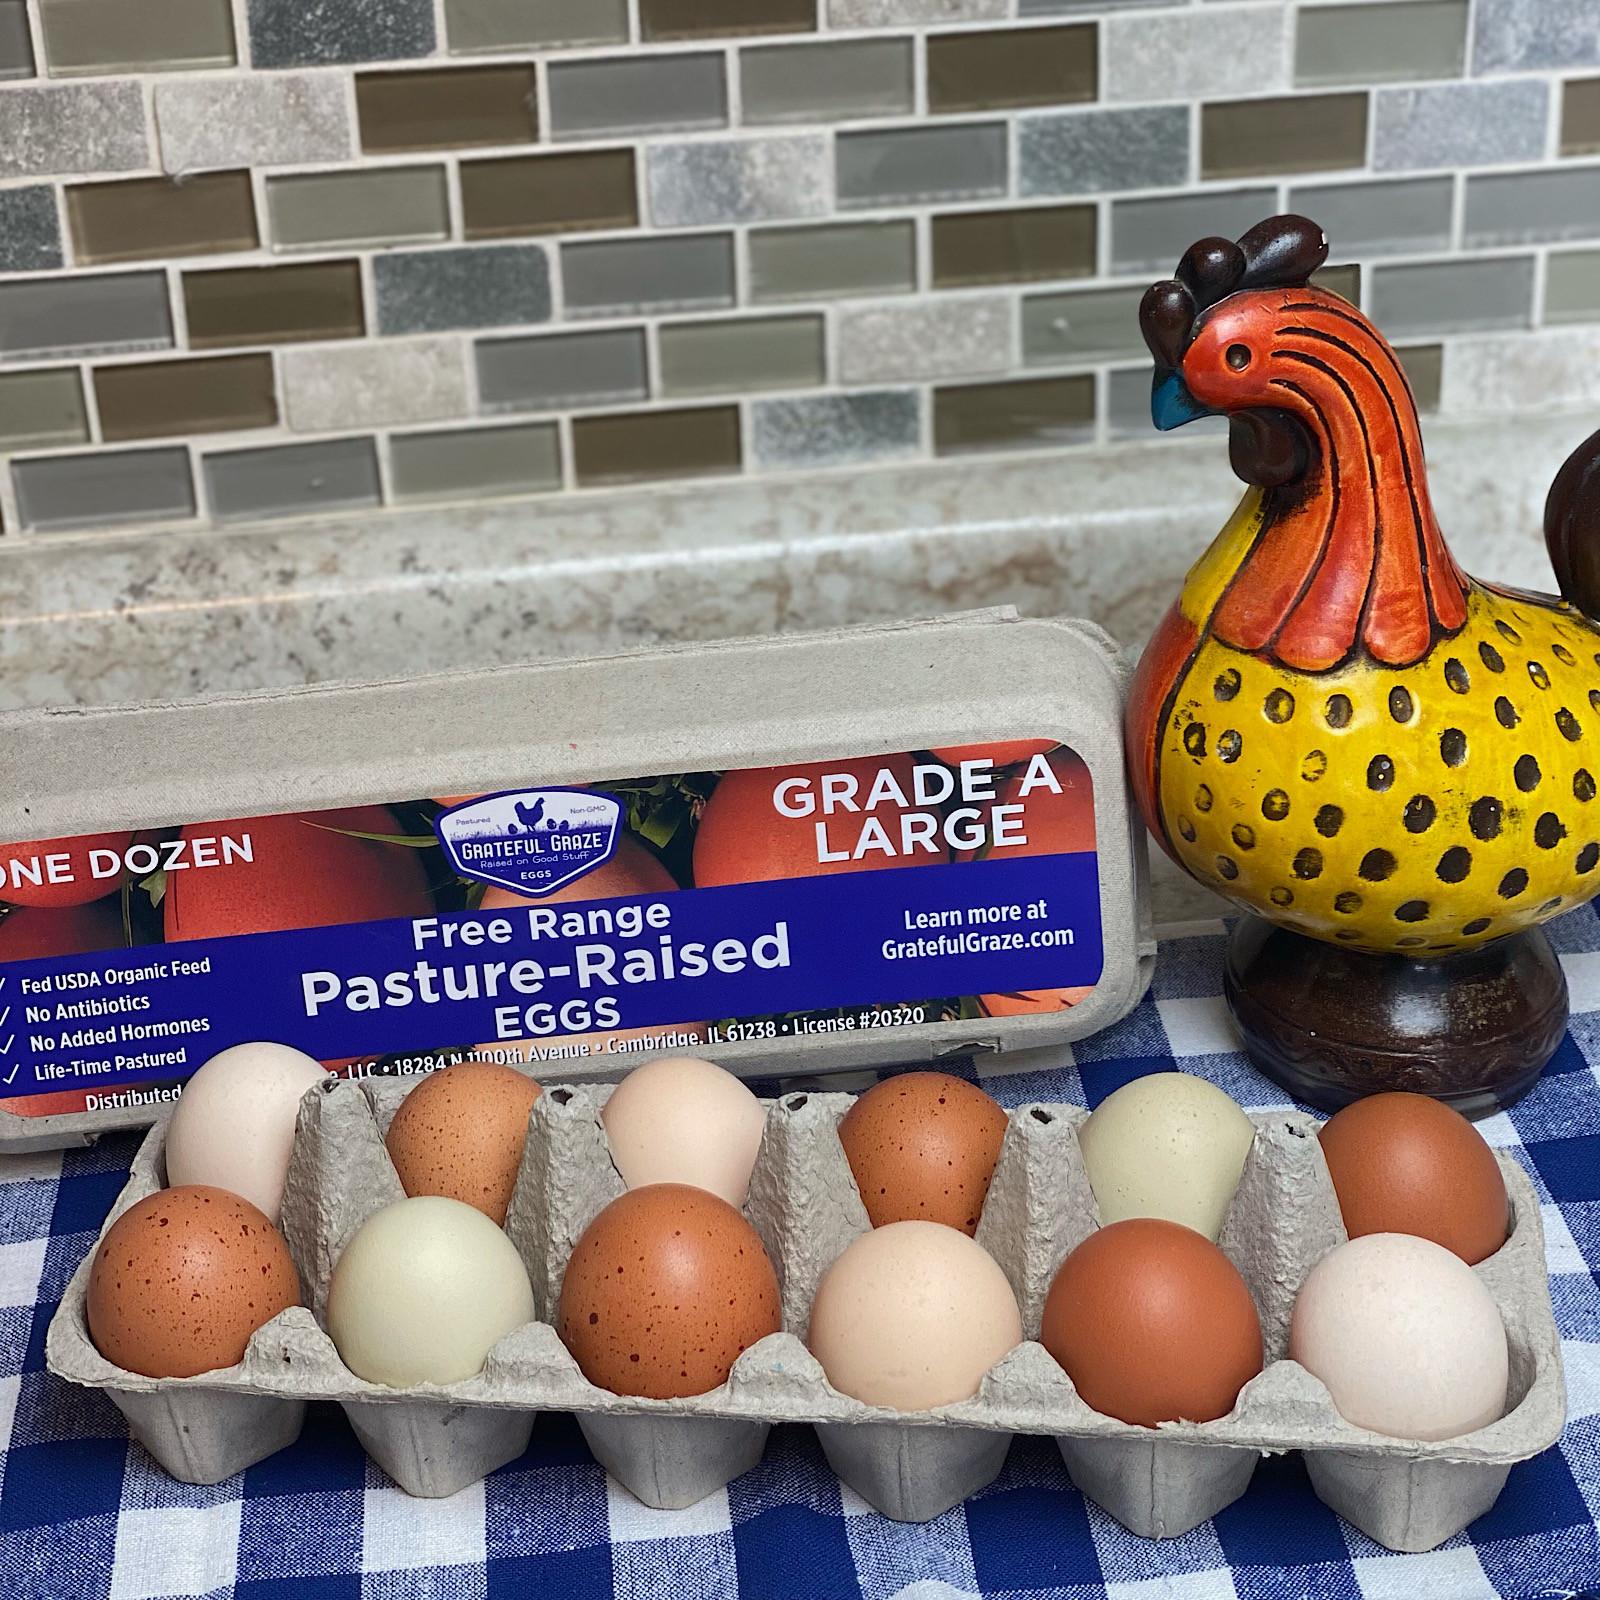 1 Dozen Large Grade A Eggs